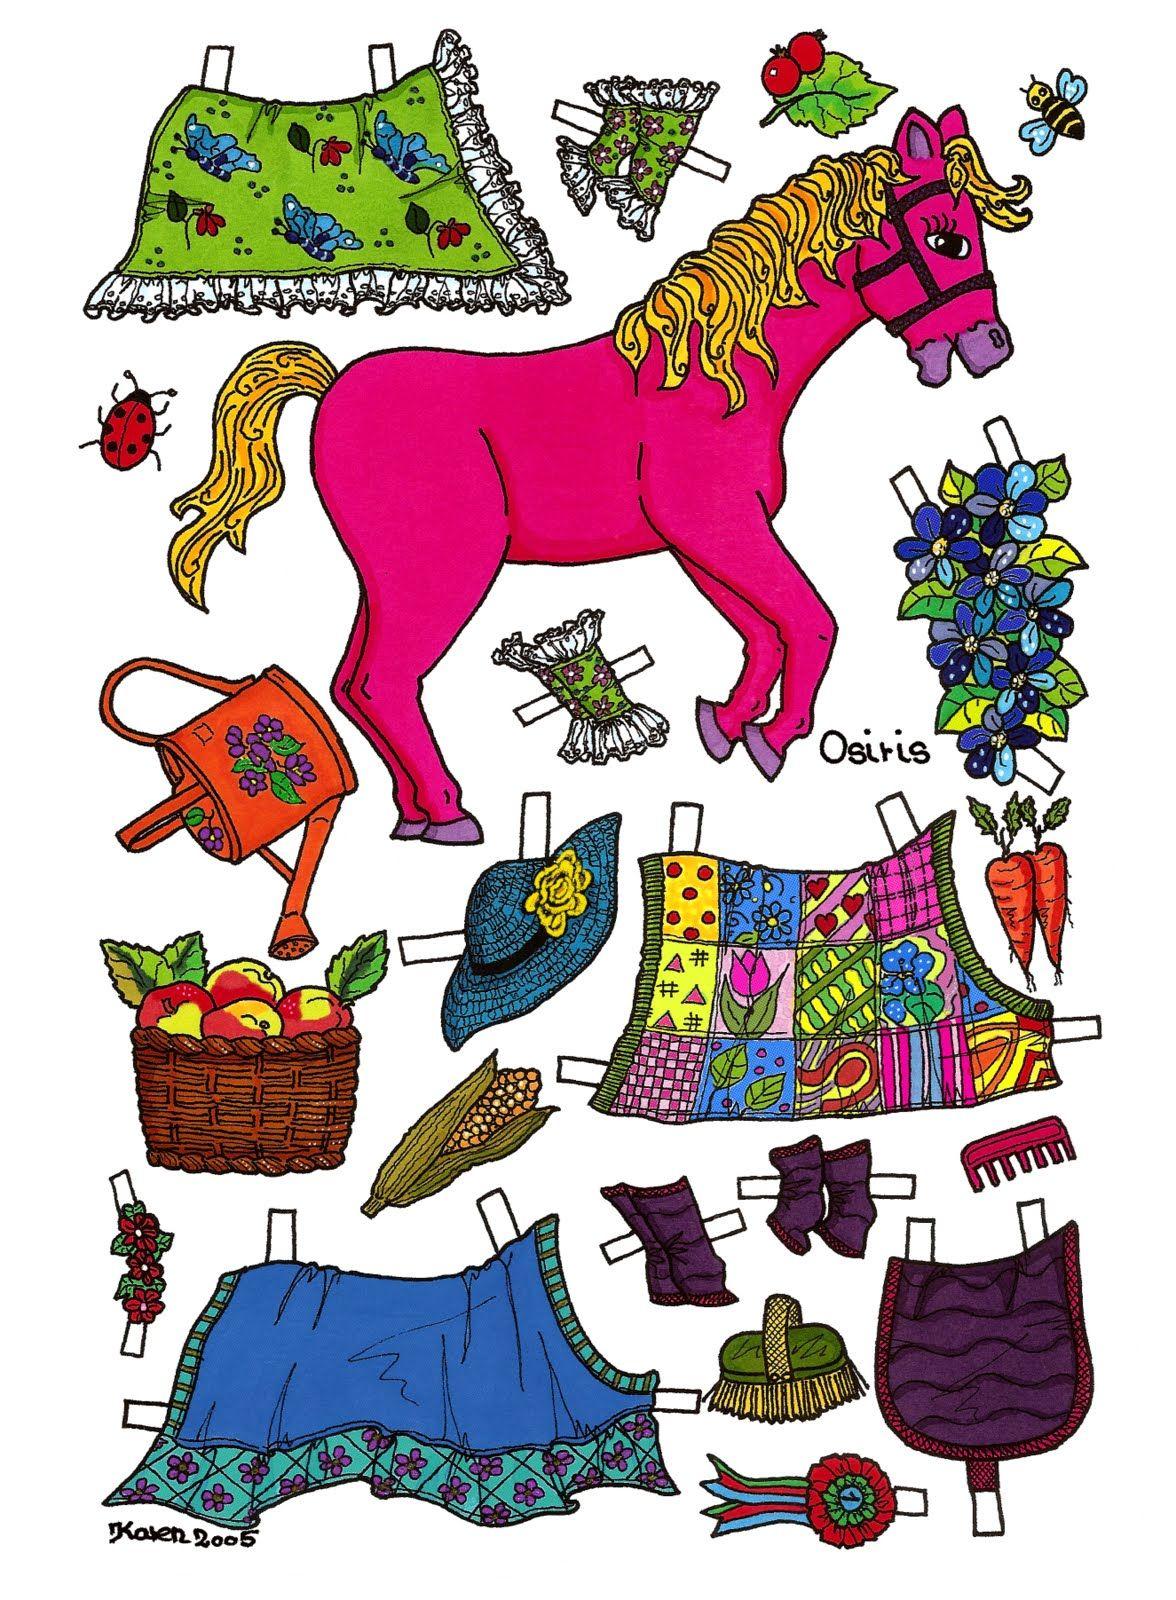 Karen`s Paper Dolls: Osiris, Paper Doll Horse to print in Colours. Osiris påklædningsdukke hest til at printe i farver.